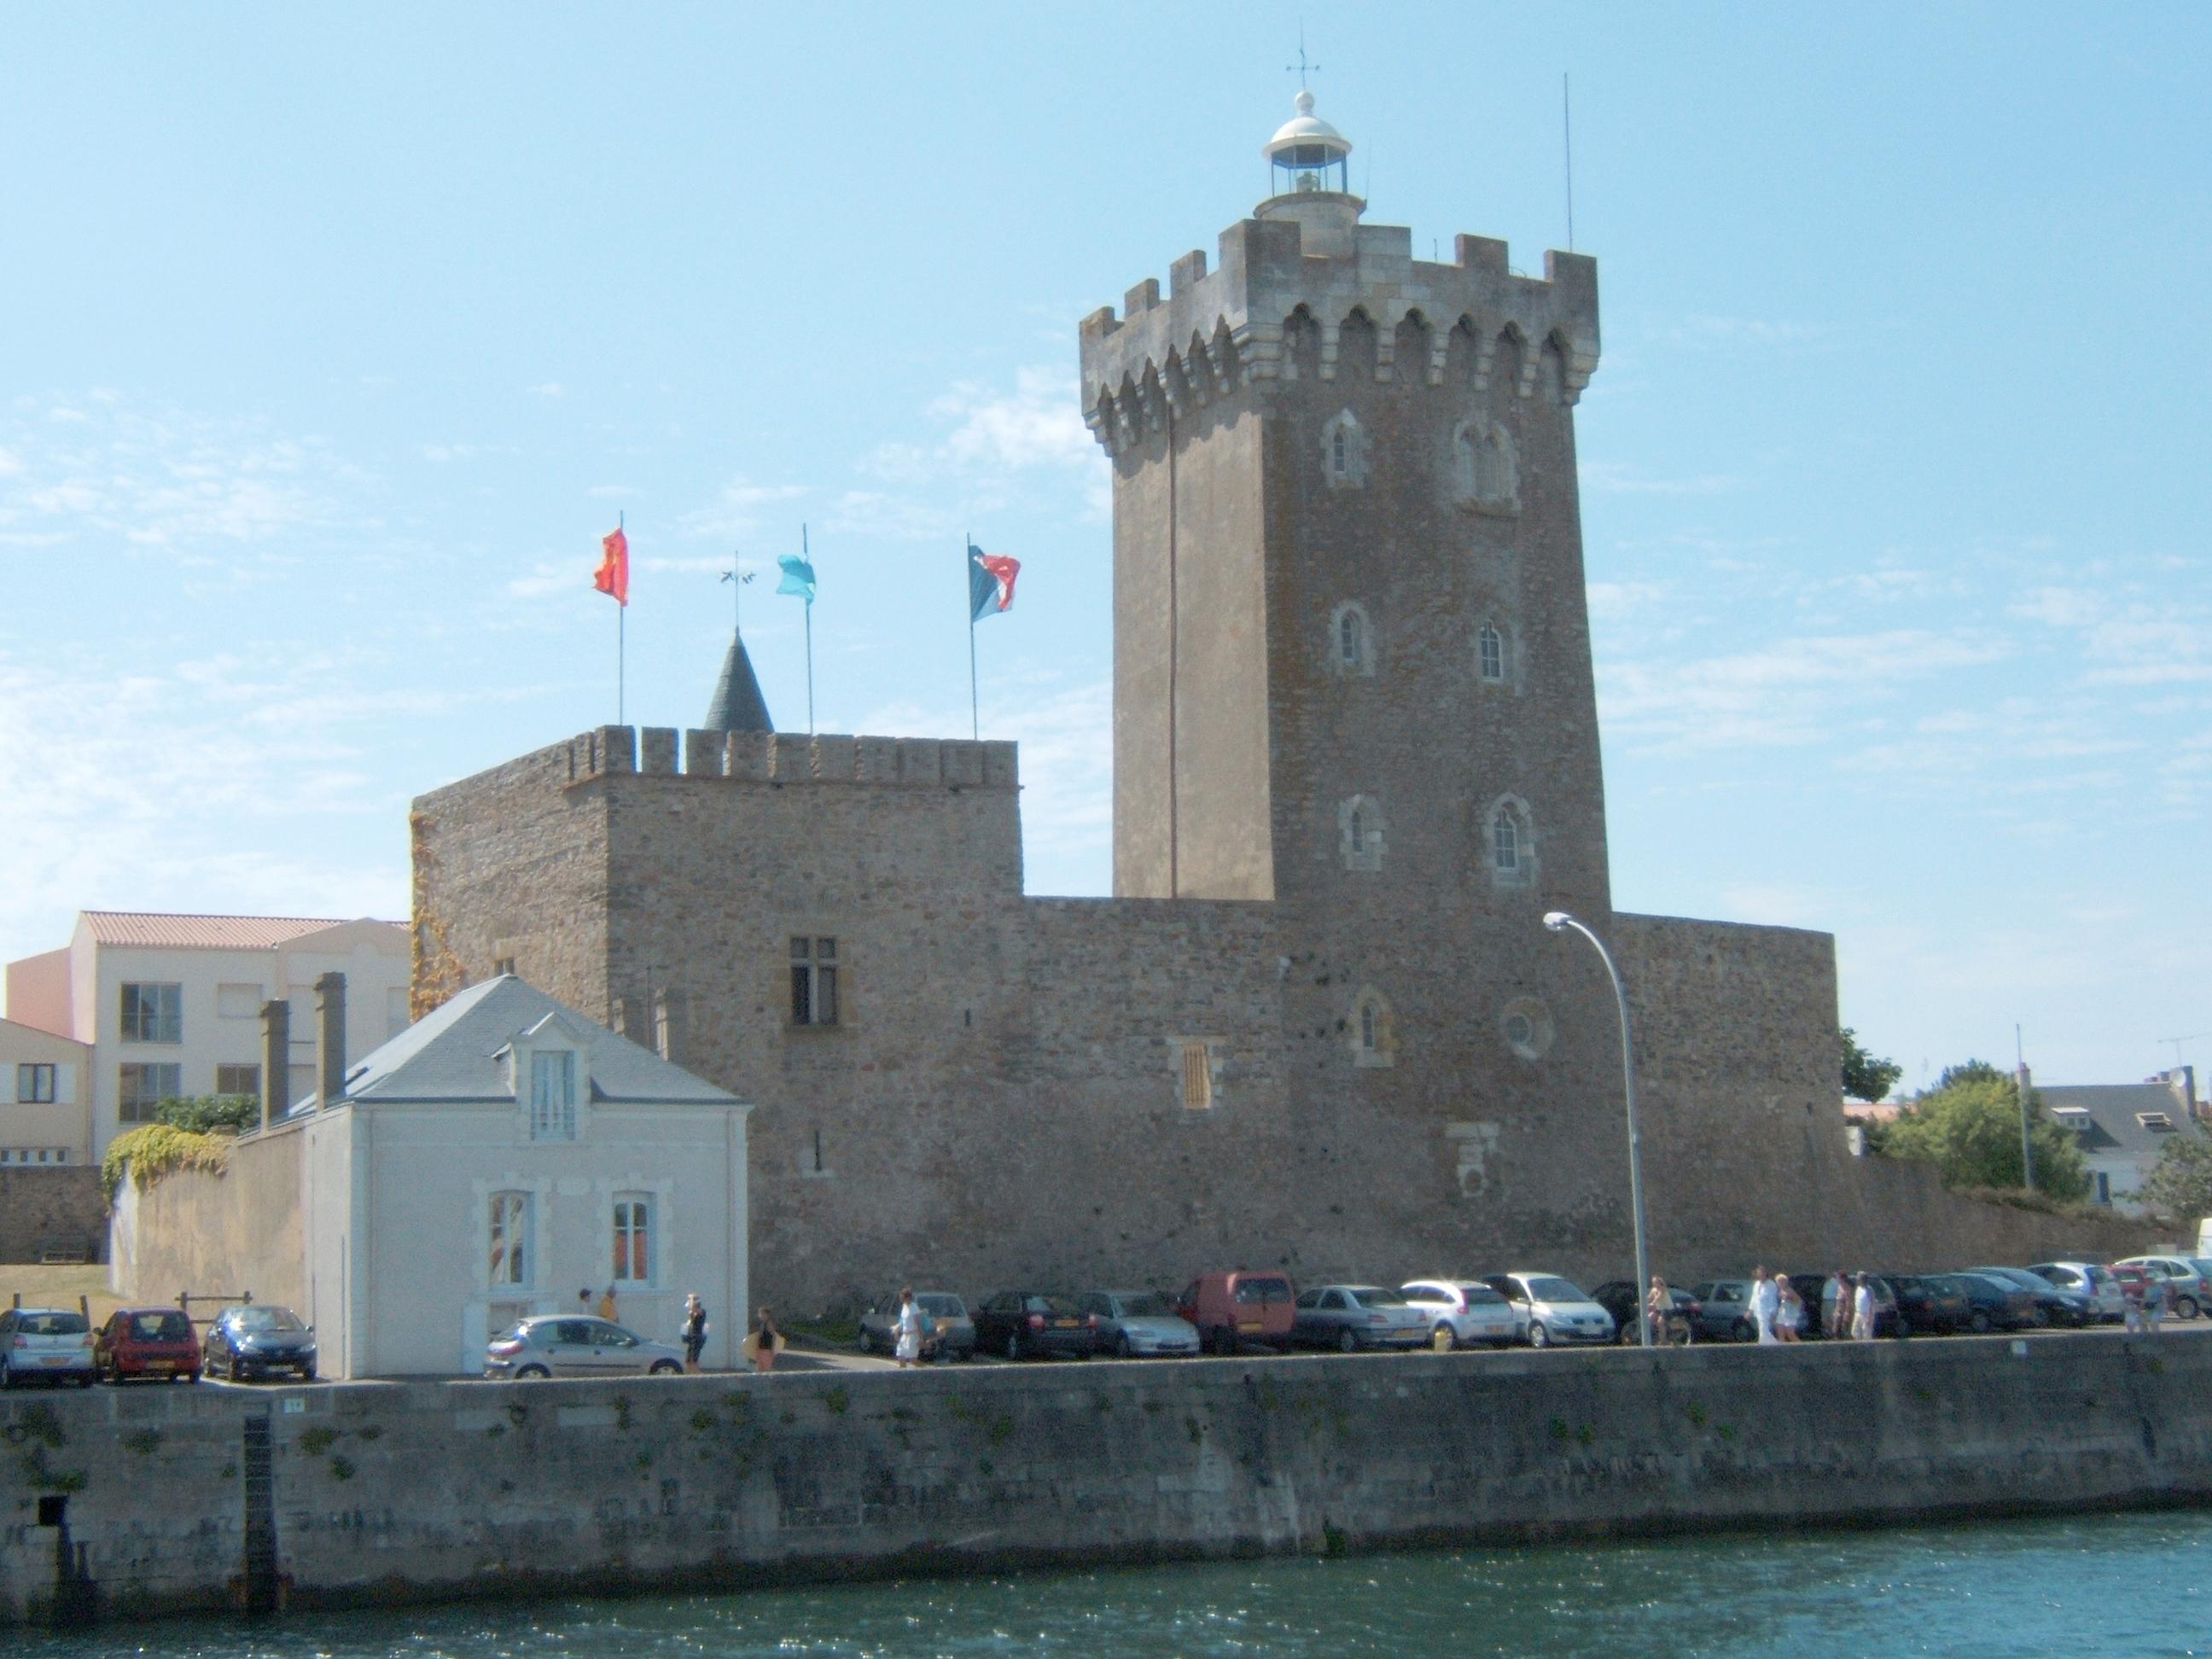 """Hôtel de la tour - Les Sables d'olonne - Tél. 02 51 95 38 48 Chambre double: """"La chambre de la tour"""""""